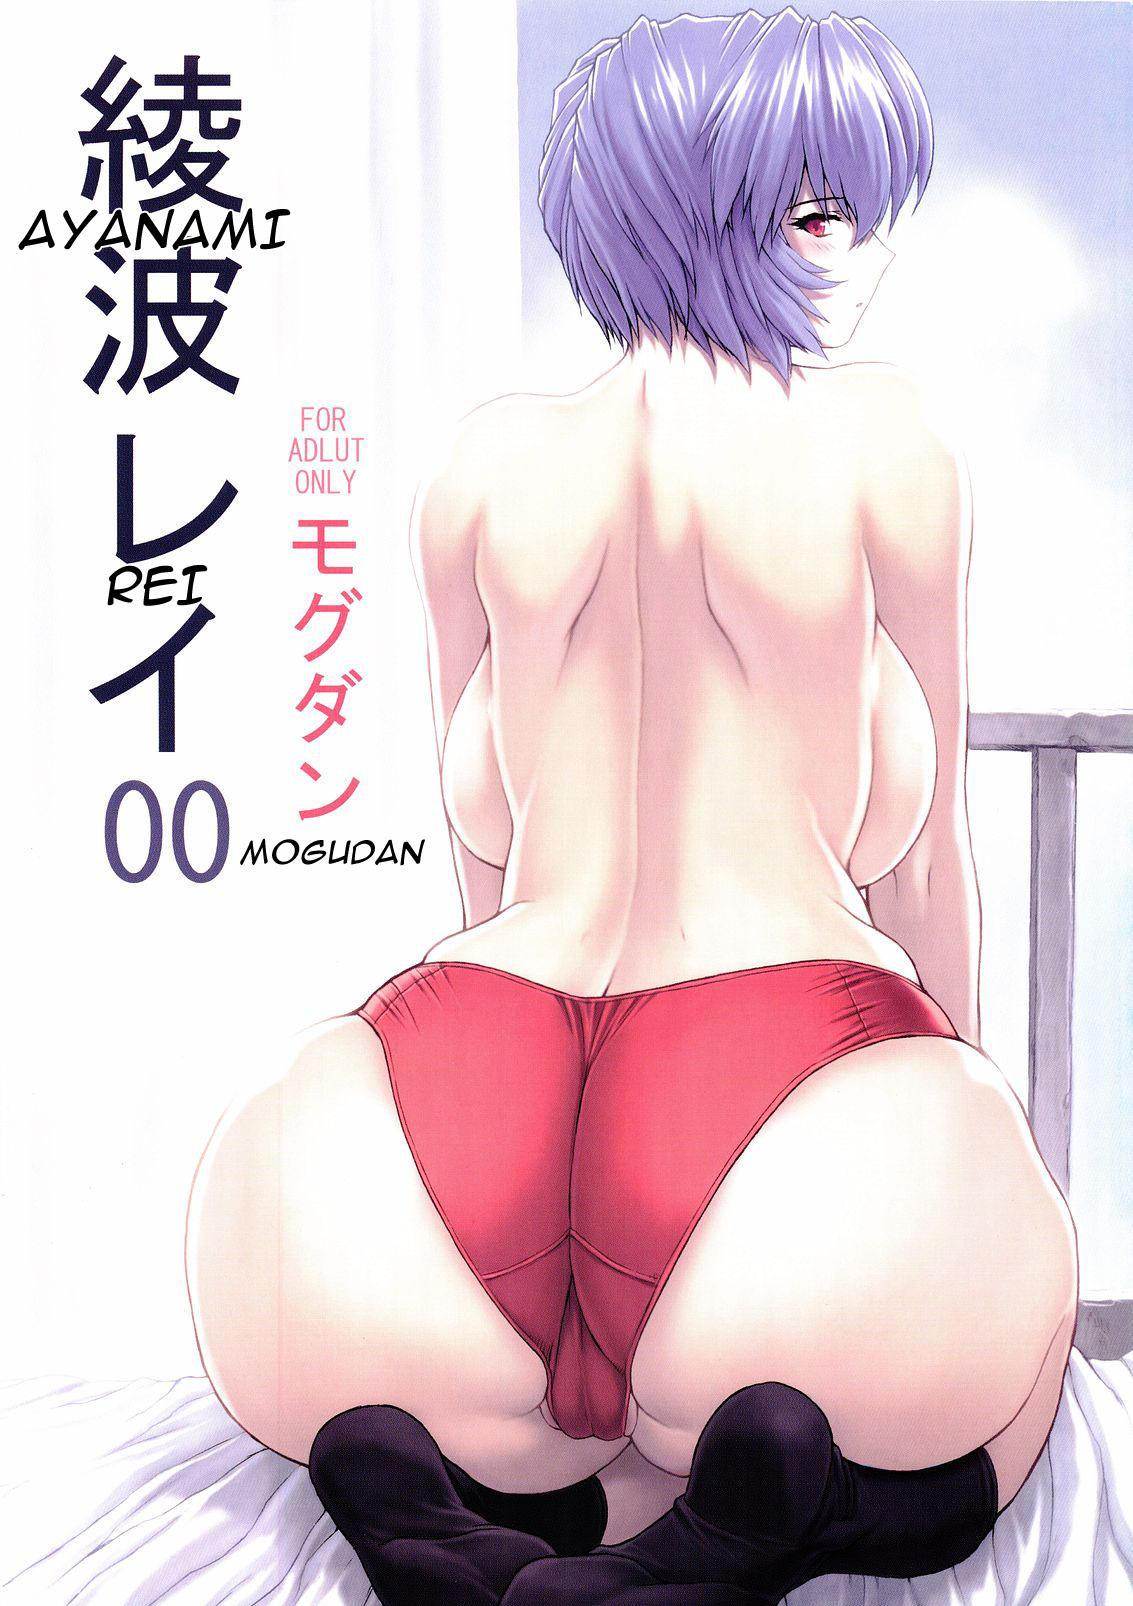 nama furachimono lo re: Ryuugajou nanana no maizoukin hentai